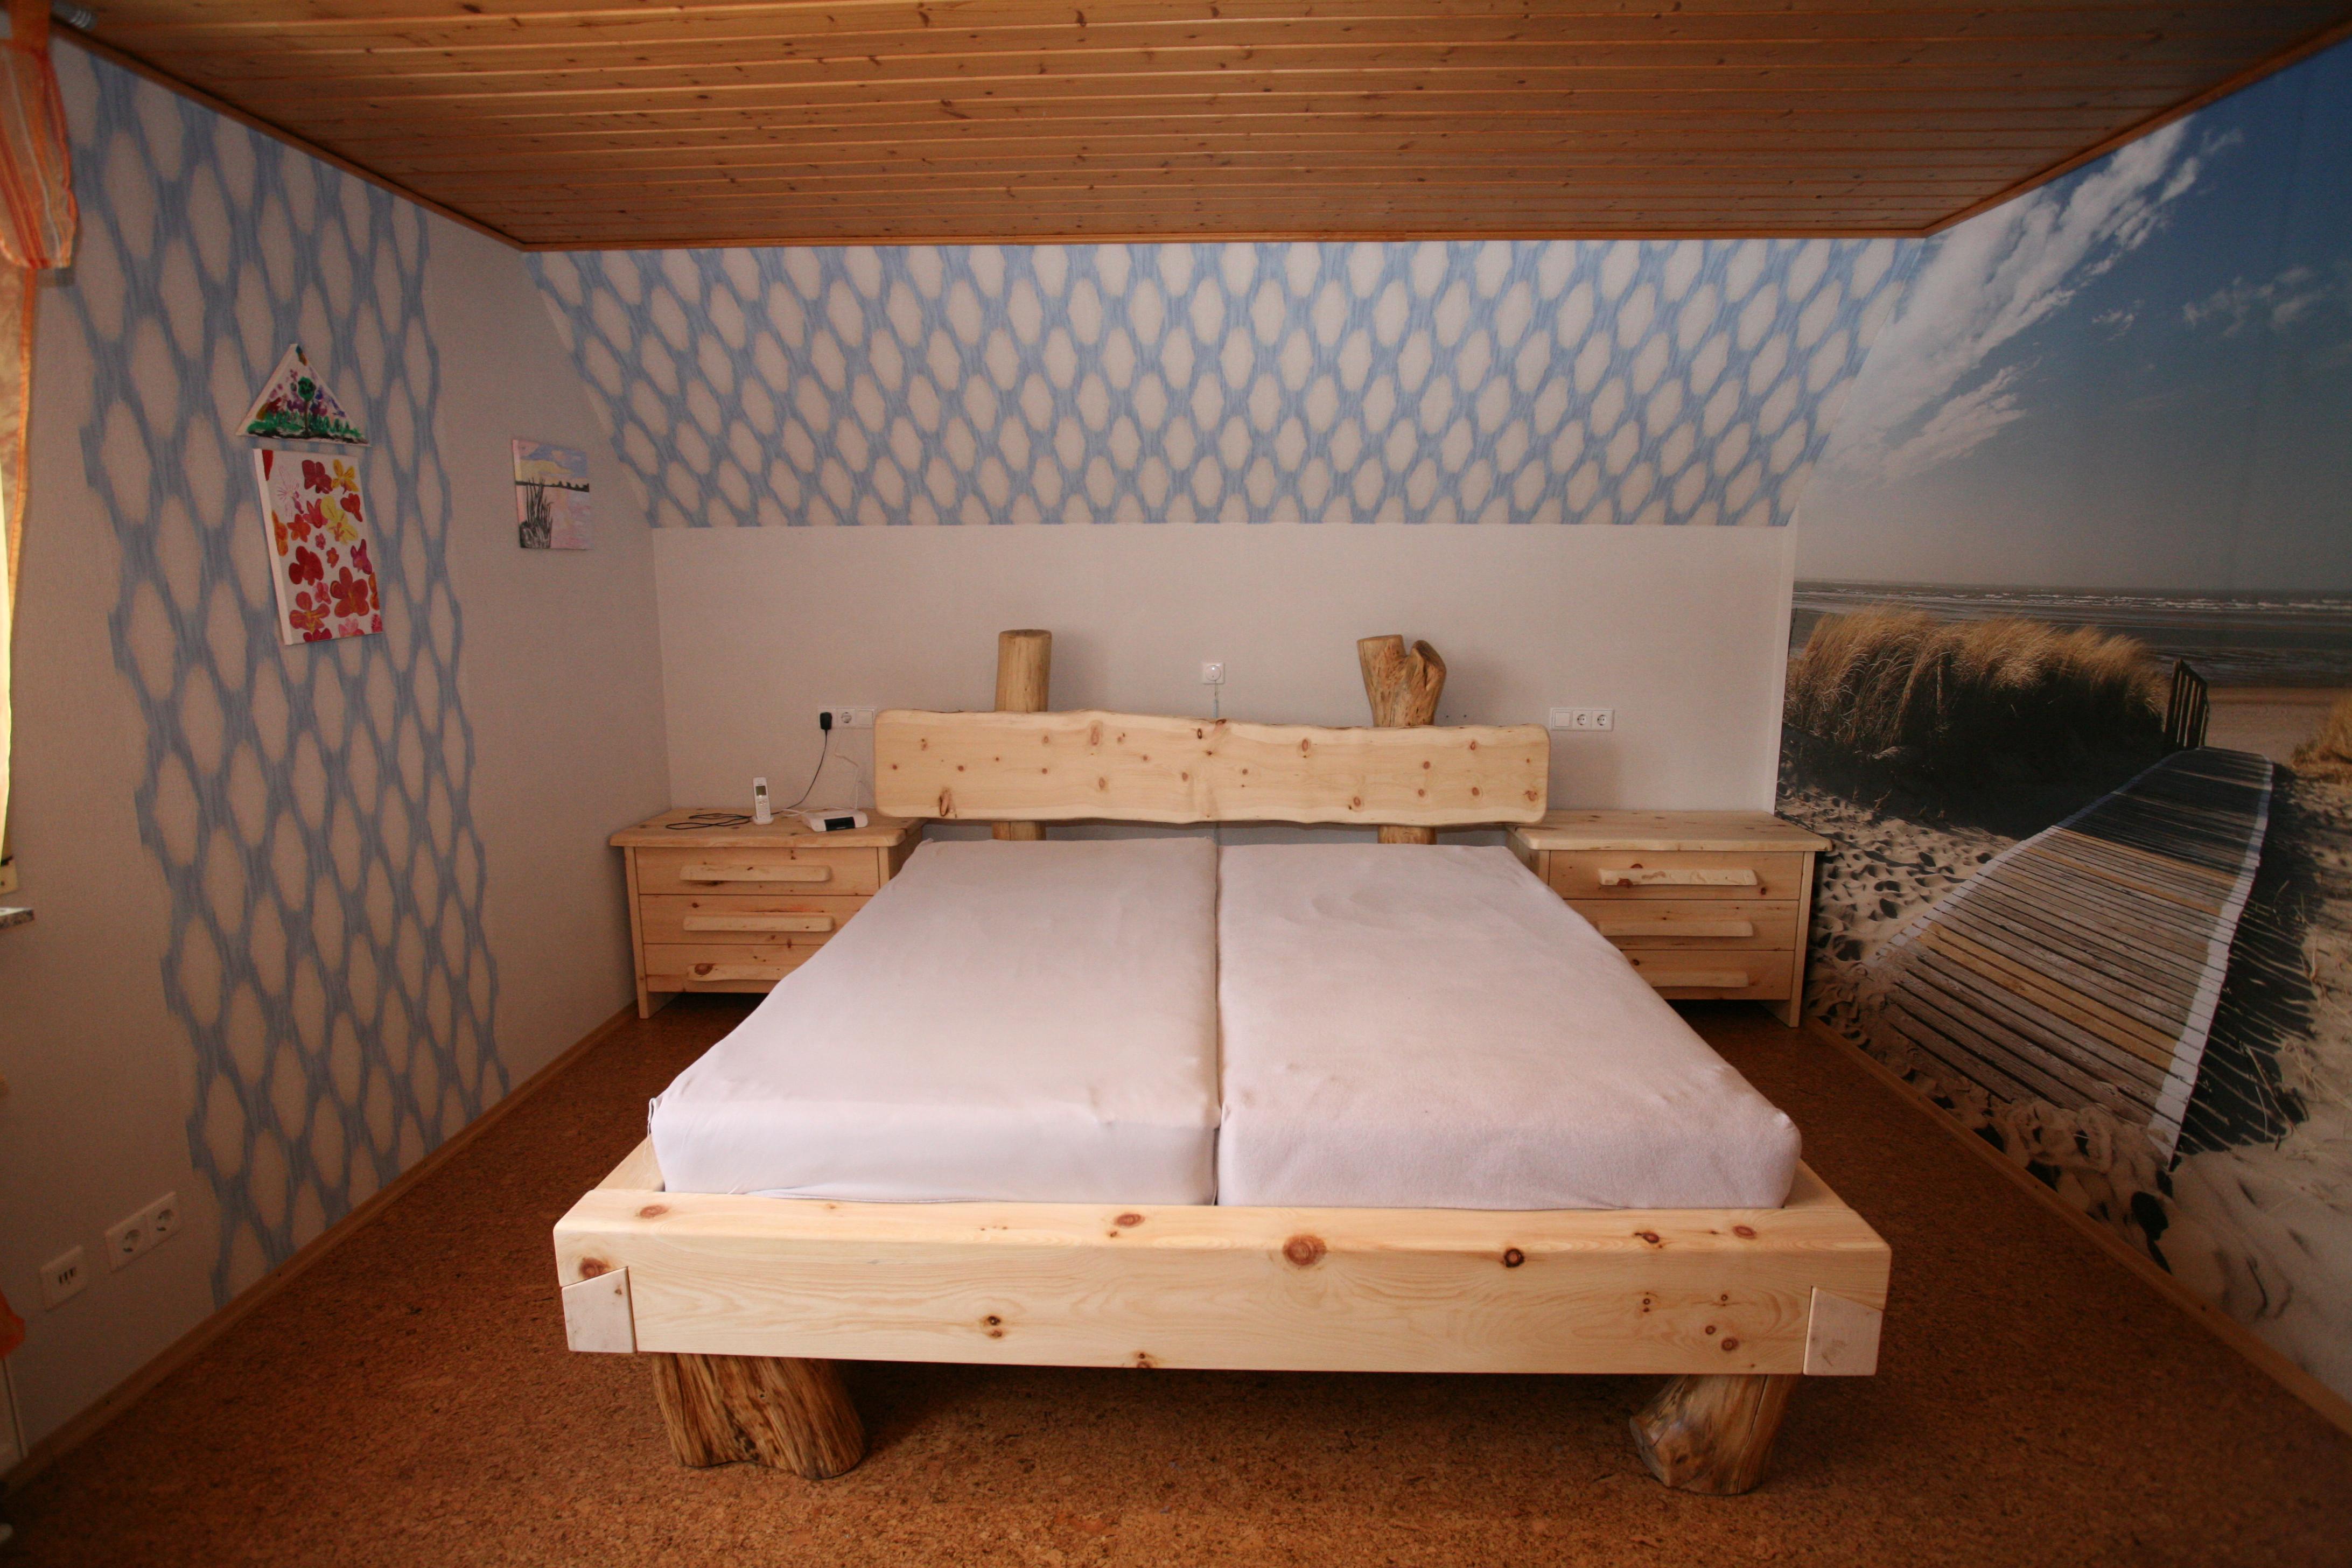 Einzigartiges Balkenbett Aus Zirbebalken Und Rundholz